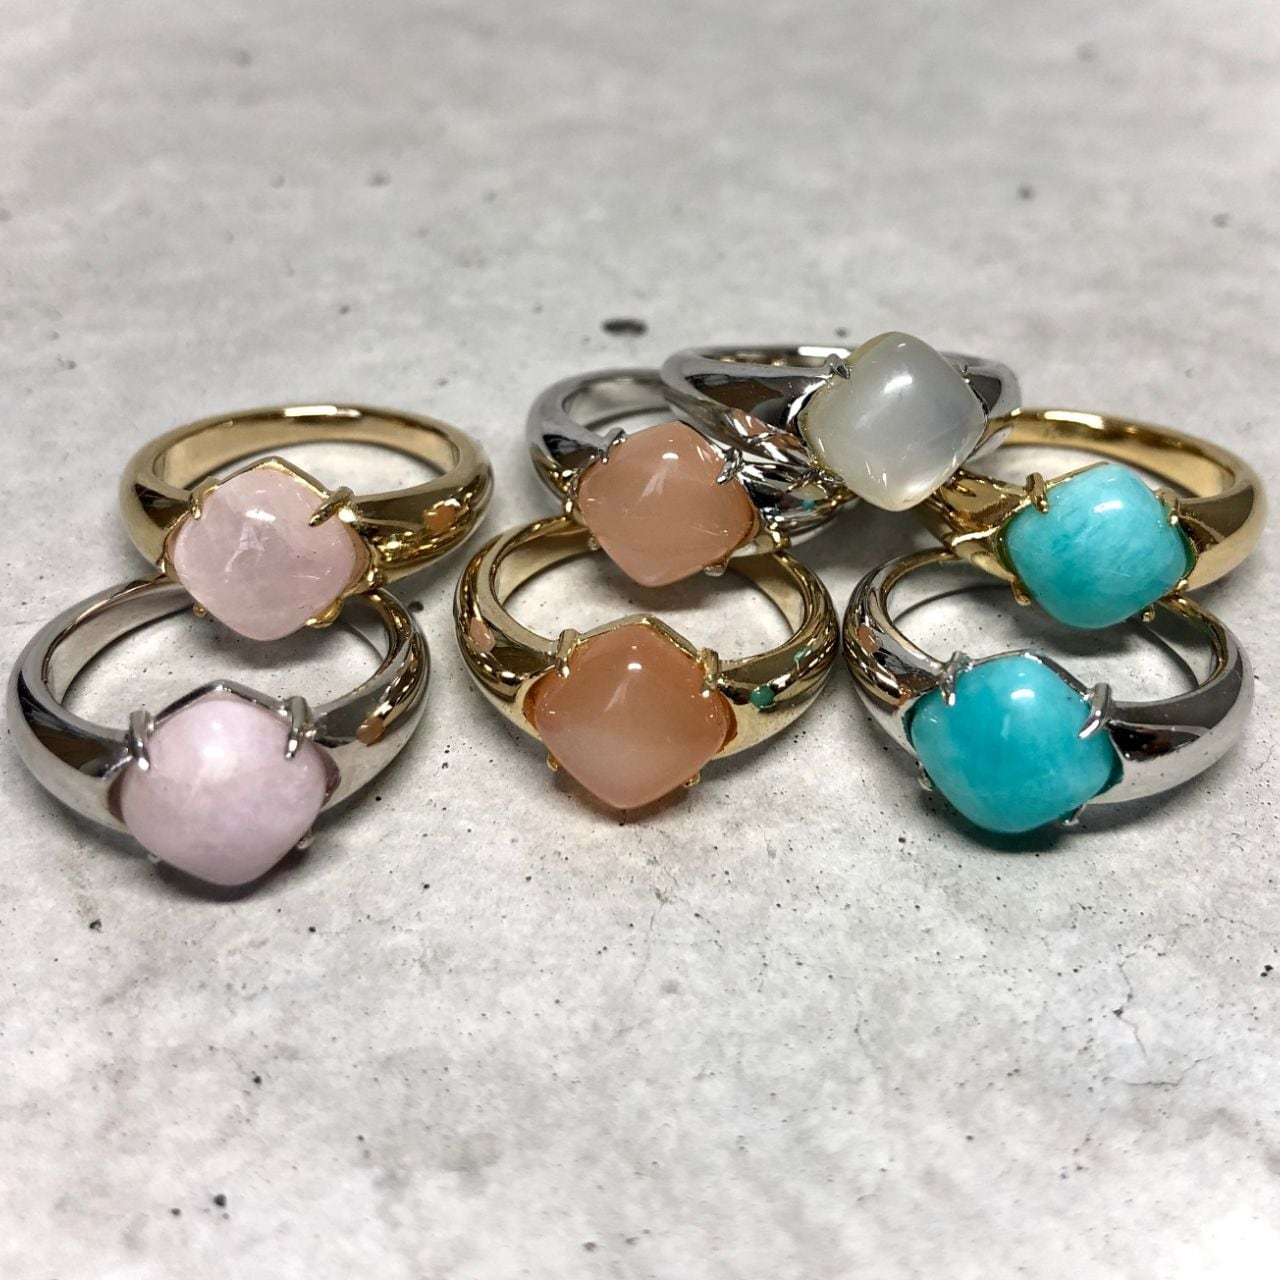 【LR-6BR】Natural stone ring A/ホワイトムーンストーン B/クンツァイト C/アマゾナイト D/ピーチムーンストーン